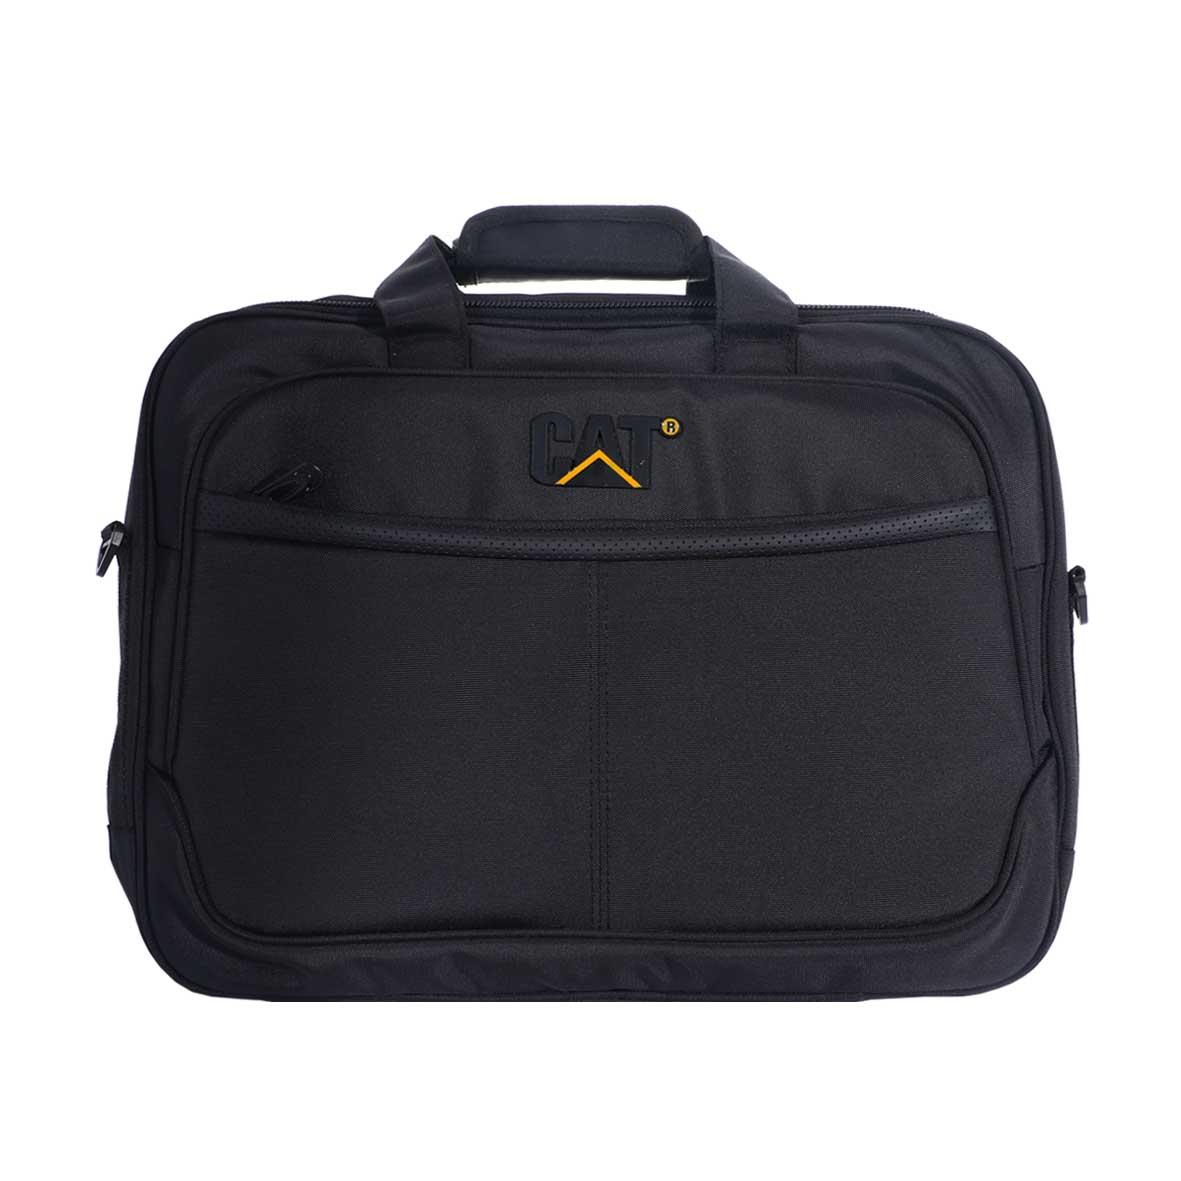 کیف لپ تاپ مدل LB41 مناسب برای لپ تاپ 15.6 اینچی